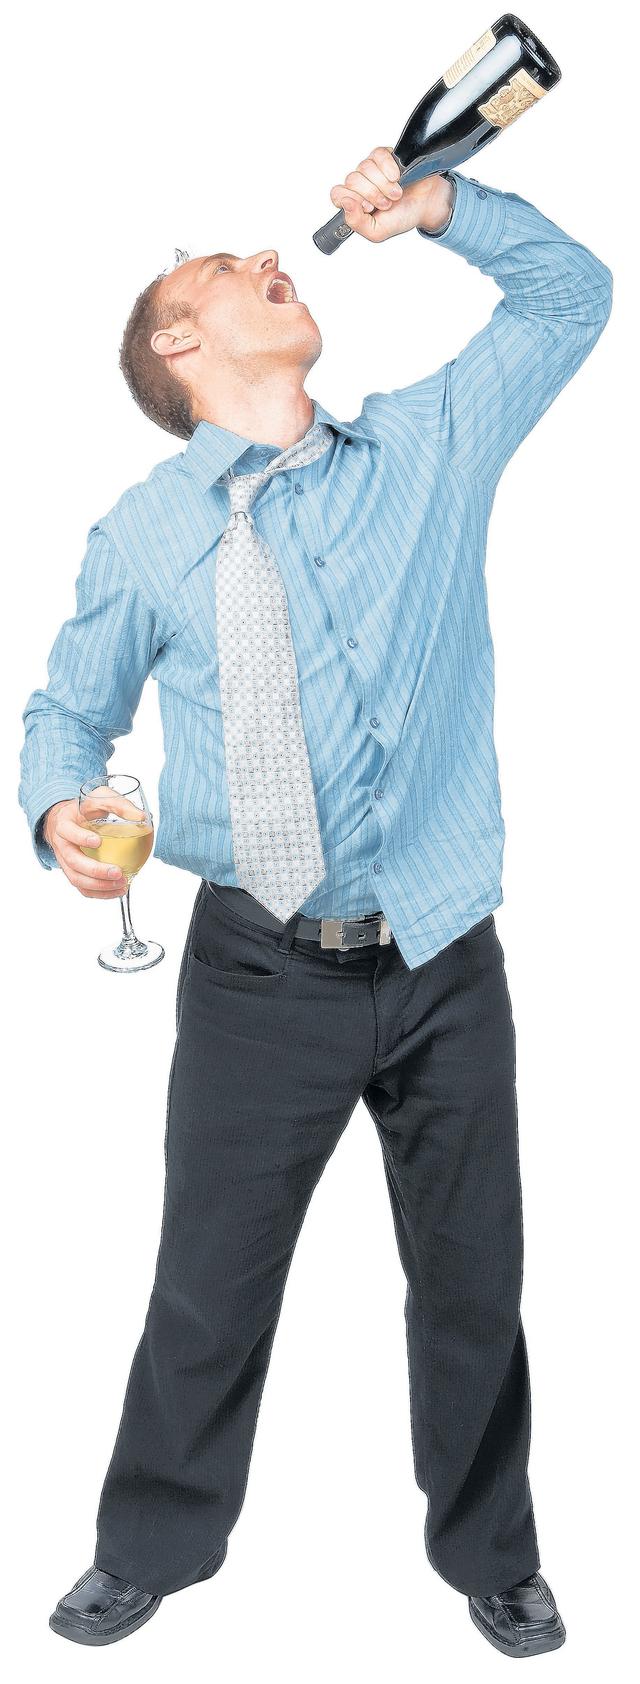 Jóvenes y alcohol: combinación peligrosa